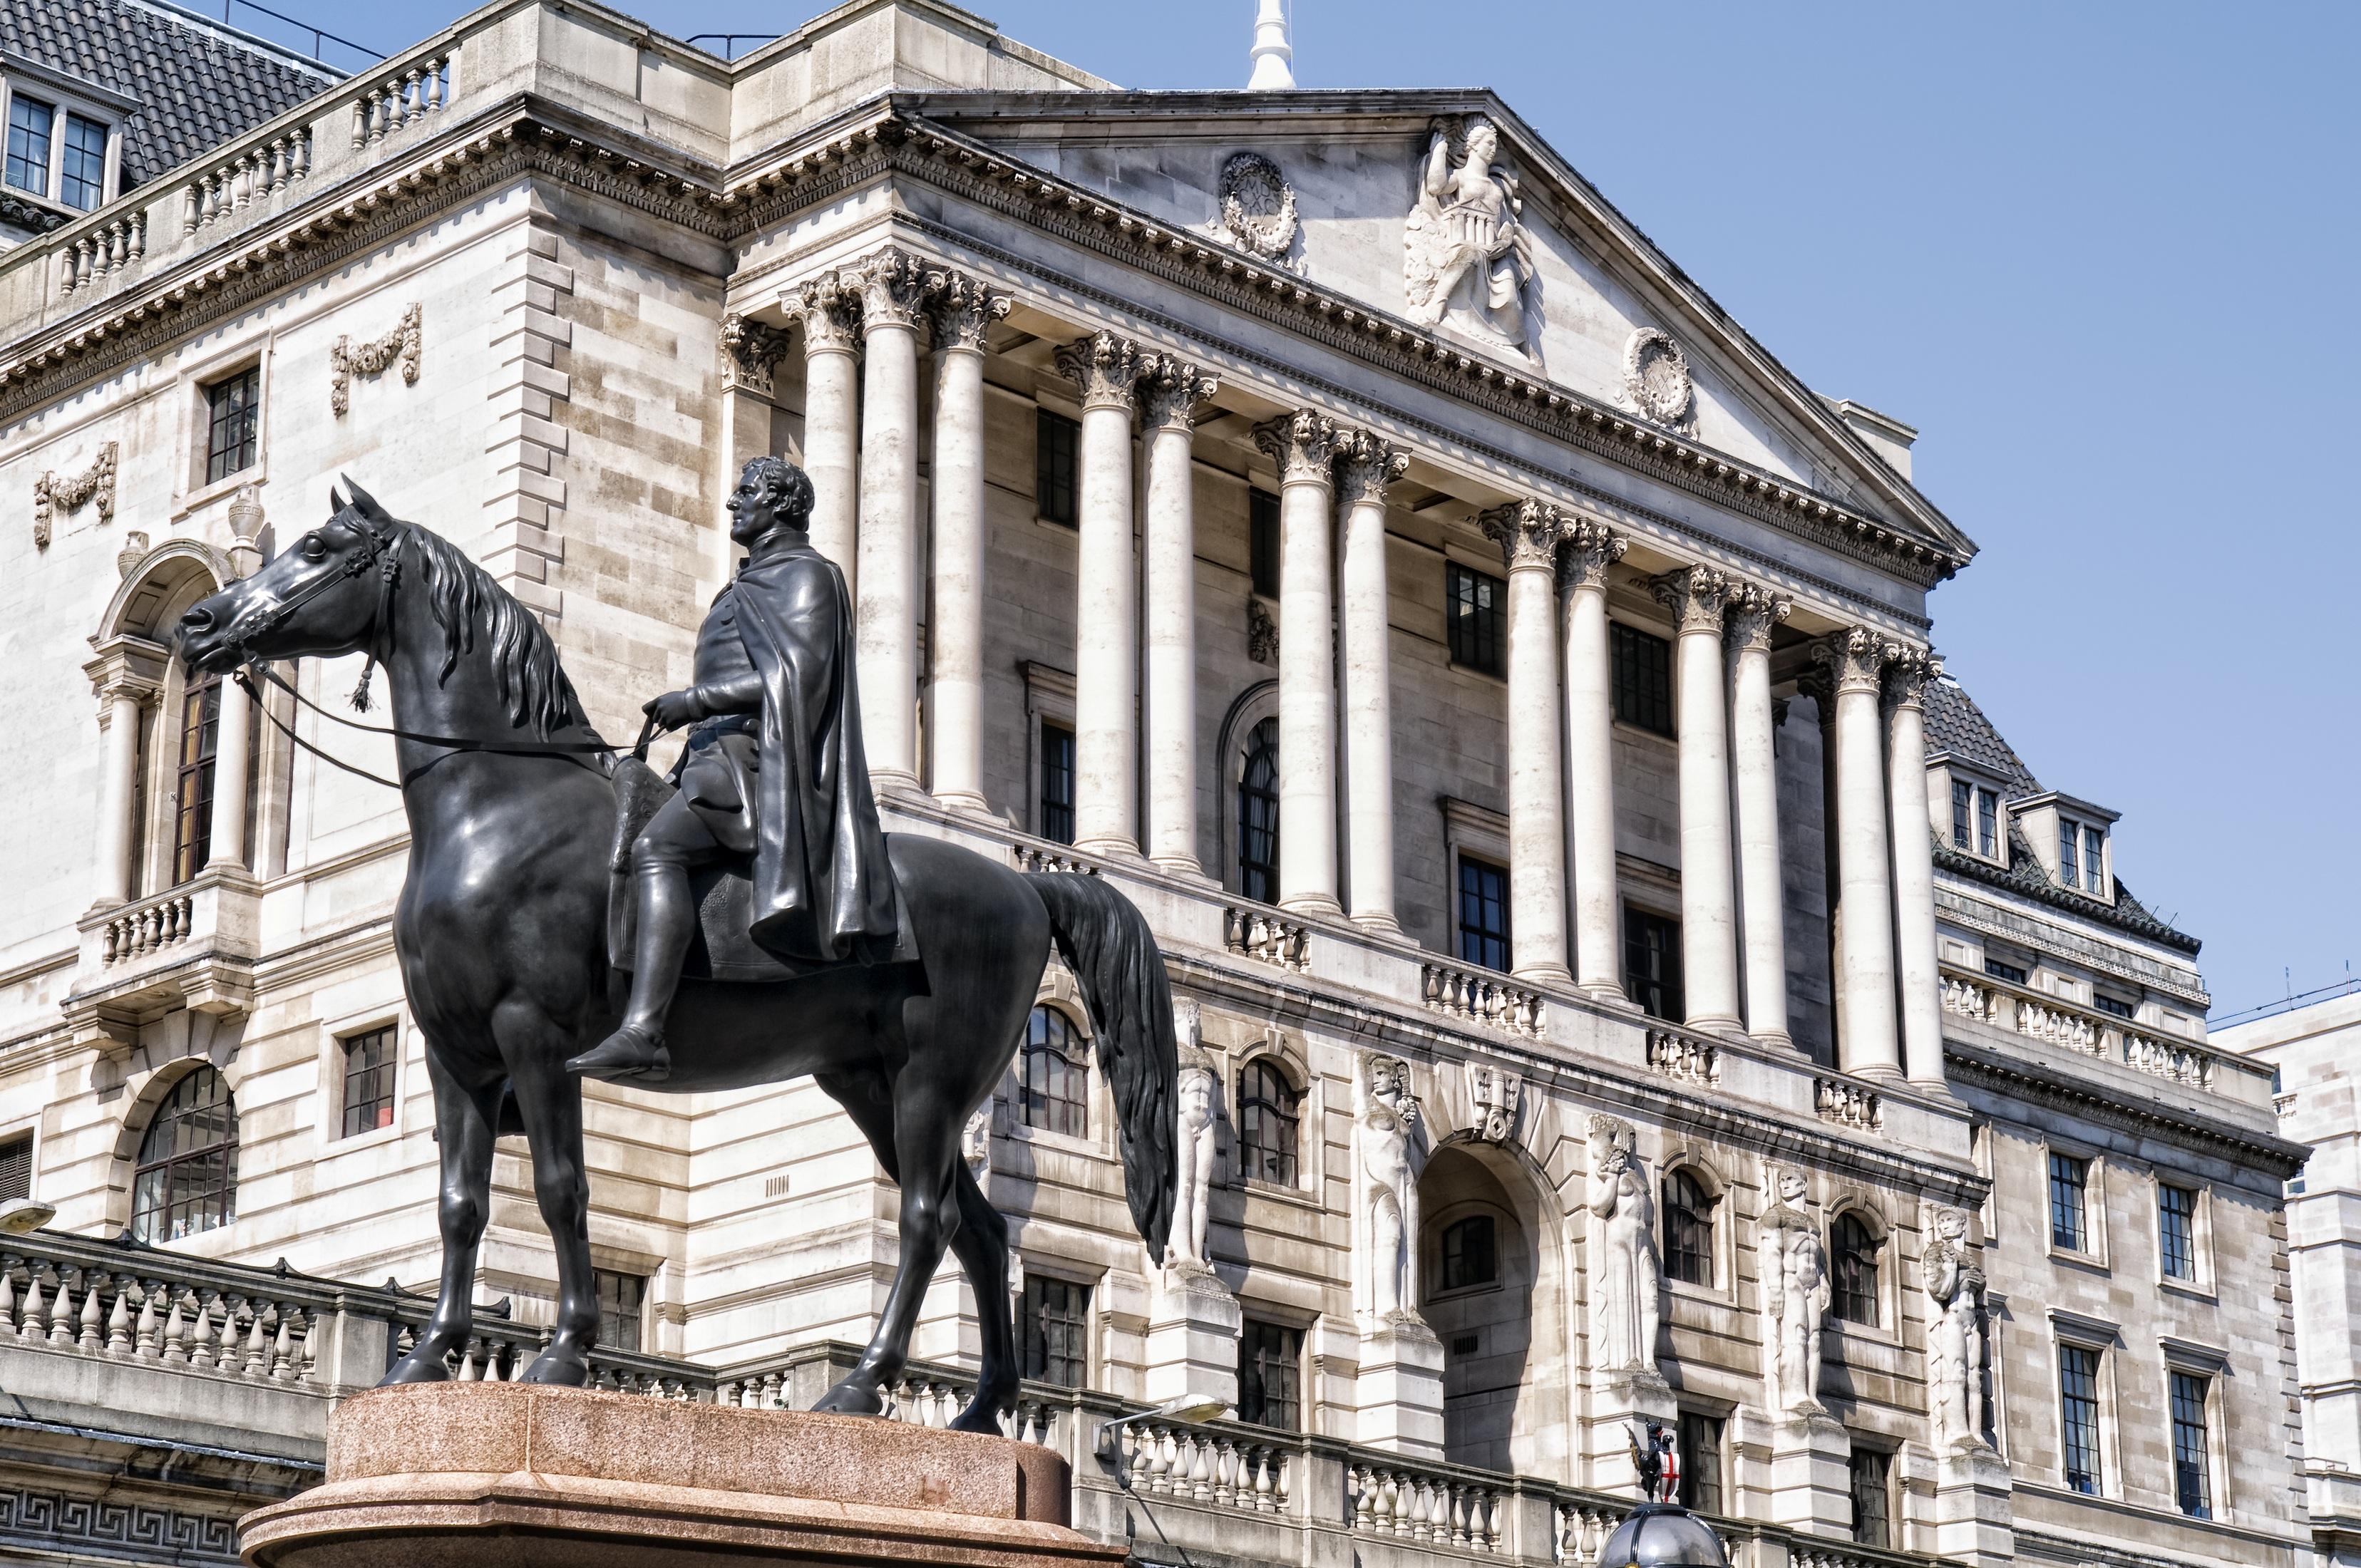 إبقاء بنك انجلترا على معدلات الفائدة دون تغيير كما هو متوقع